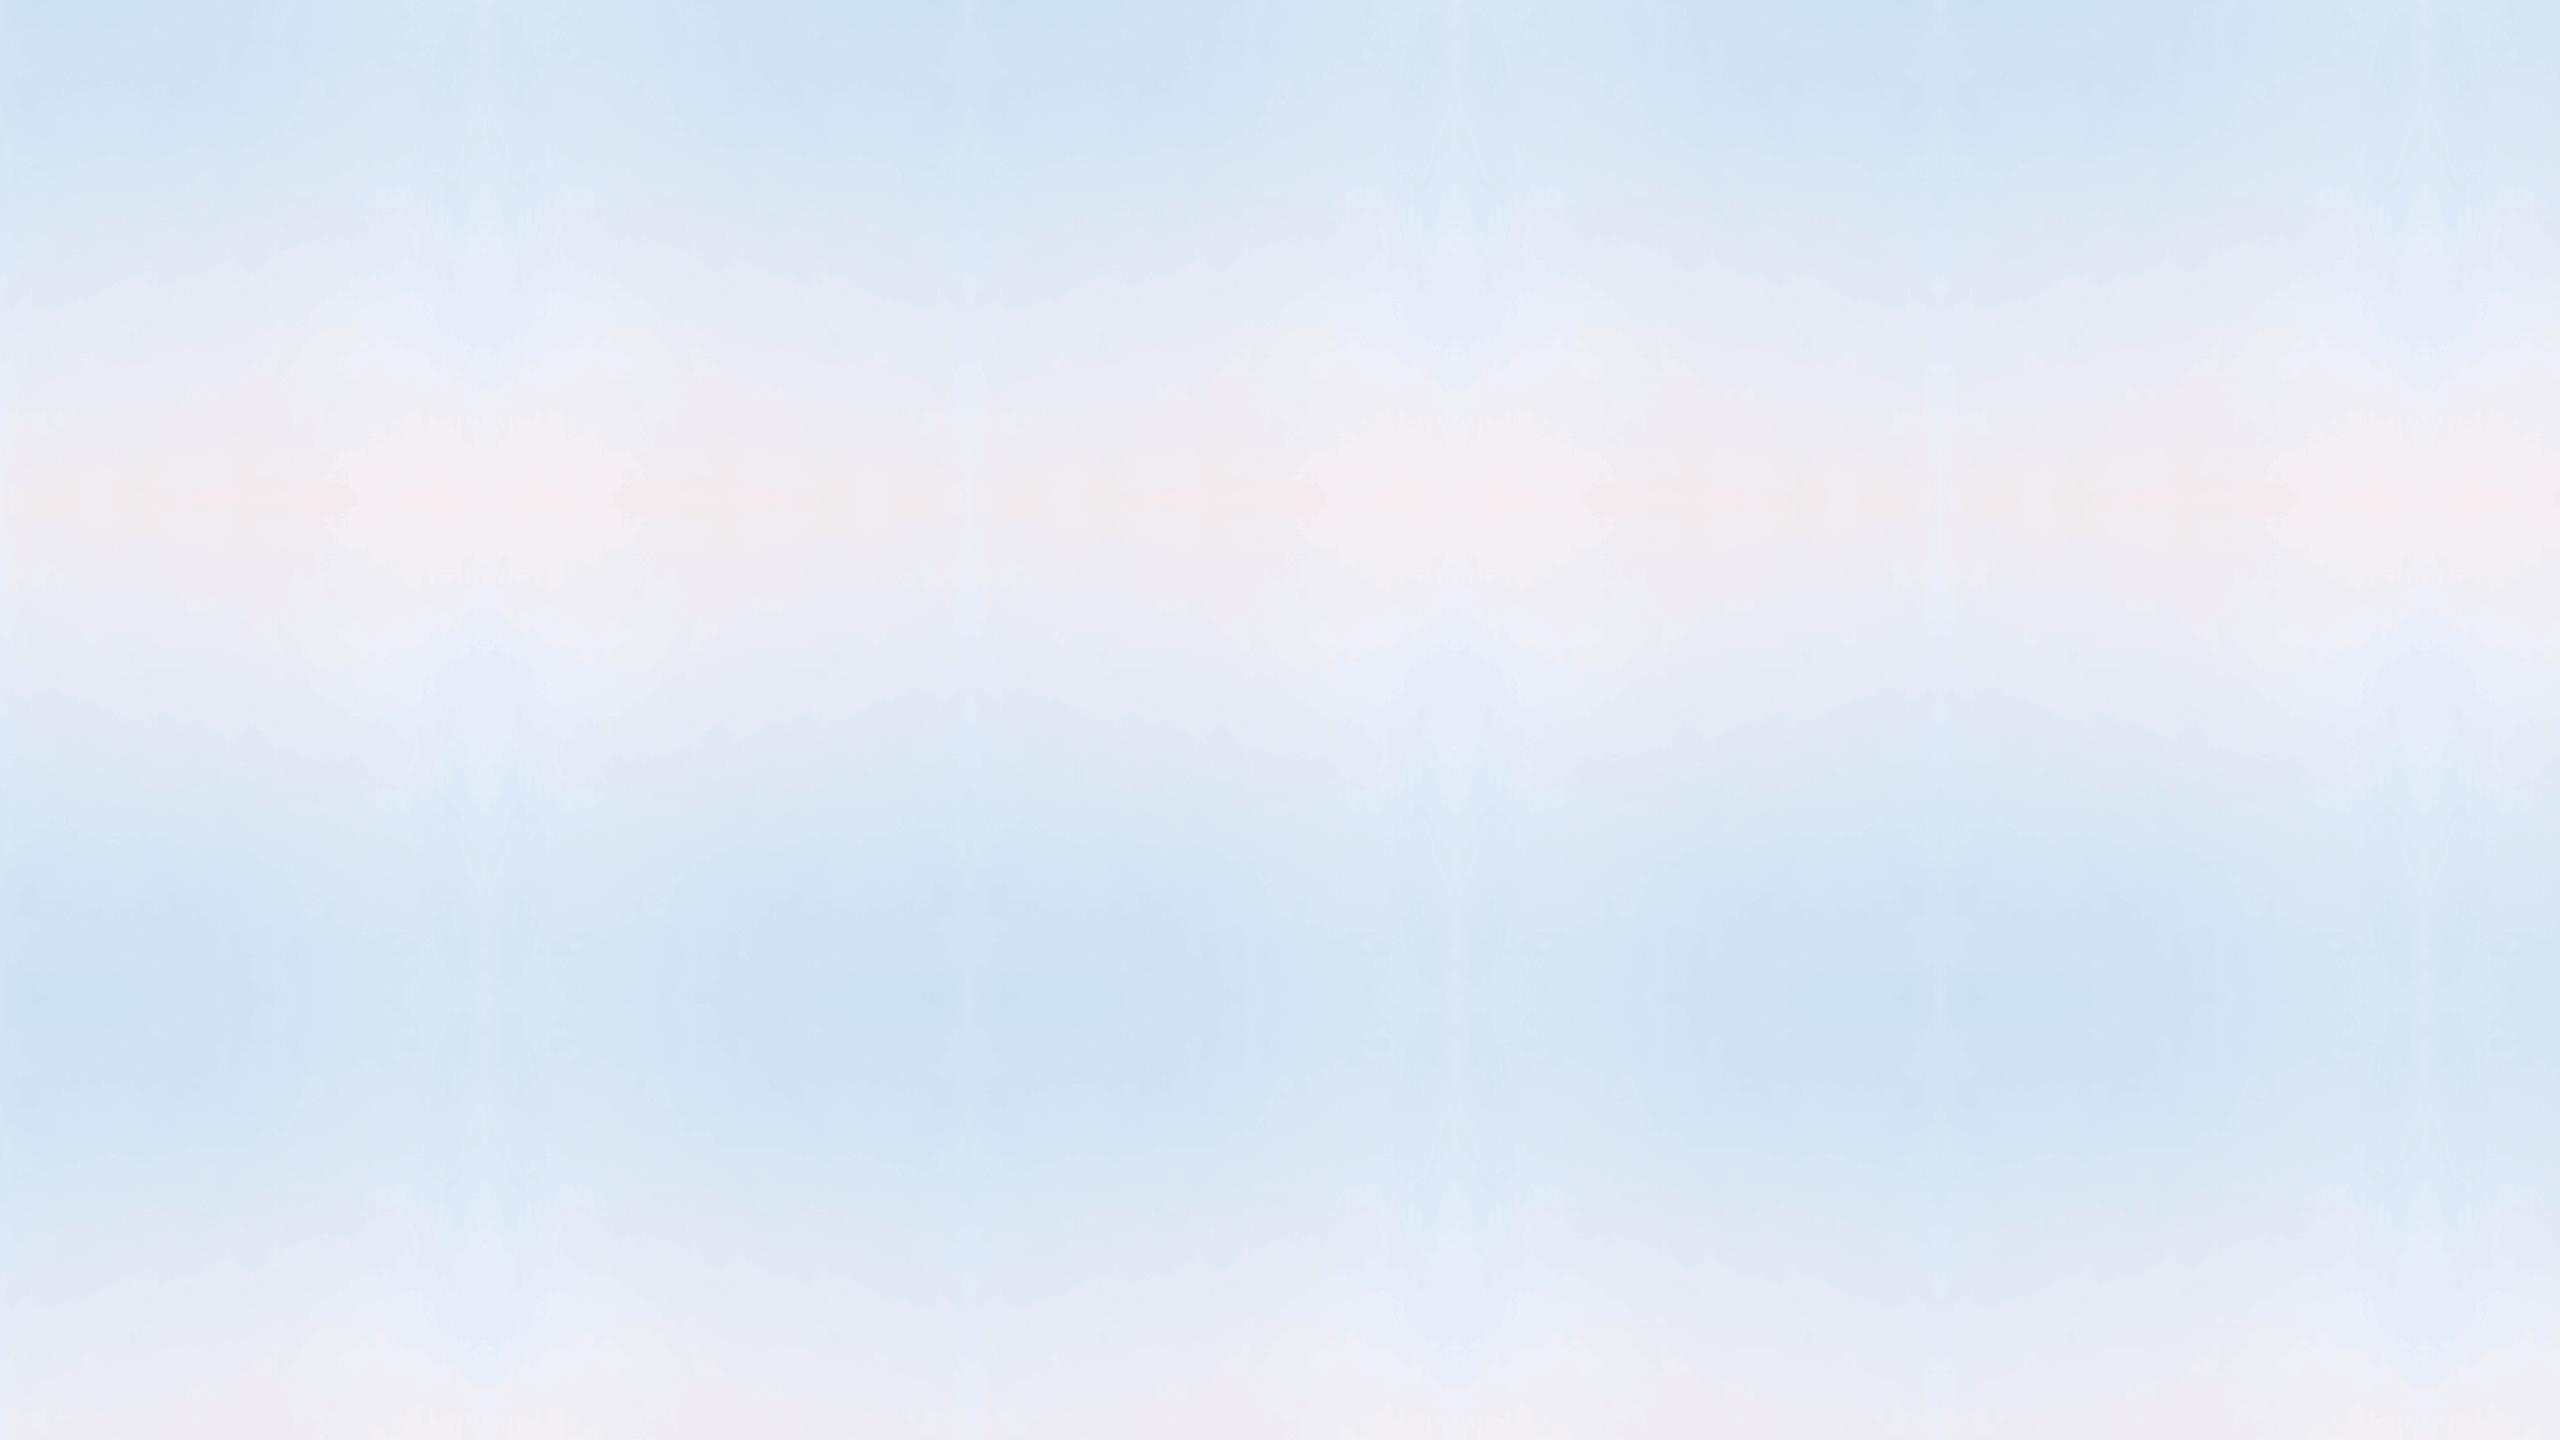 47 Pastel Blue Wallpaper On Wallpapersafari